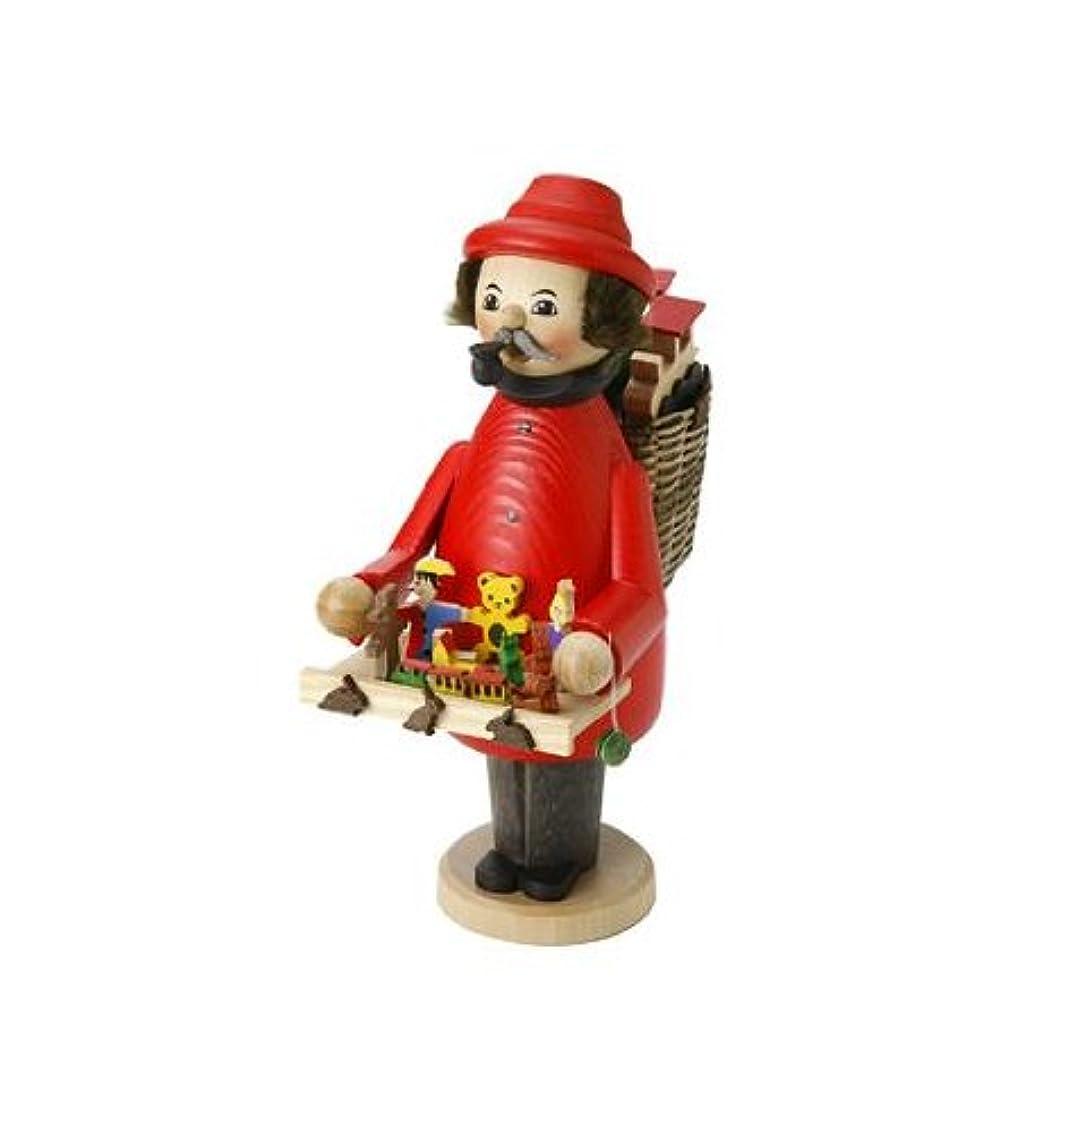 の面では国民フェードアウトミニパイプ人形香炉 おもちゃ売り